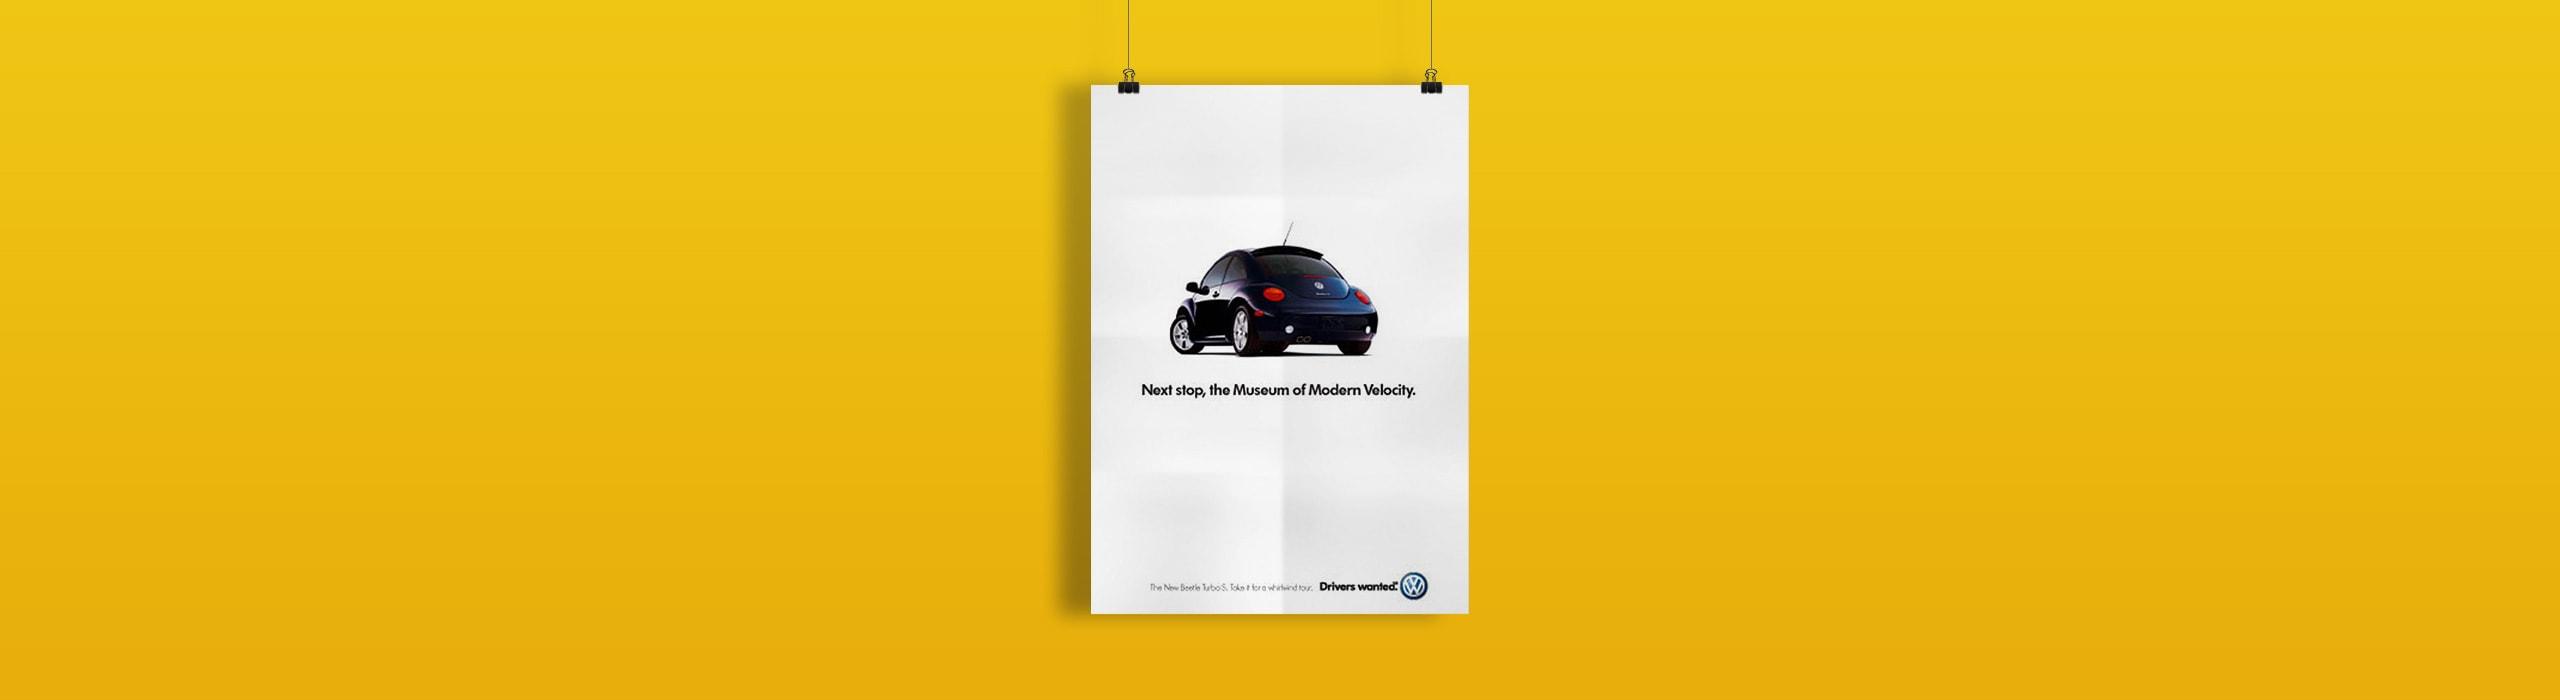 Volkswagen - natie-volkswagen-billboard-02 - Natie Branding Agency